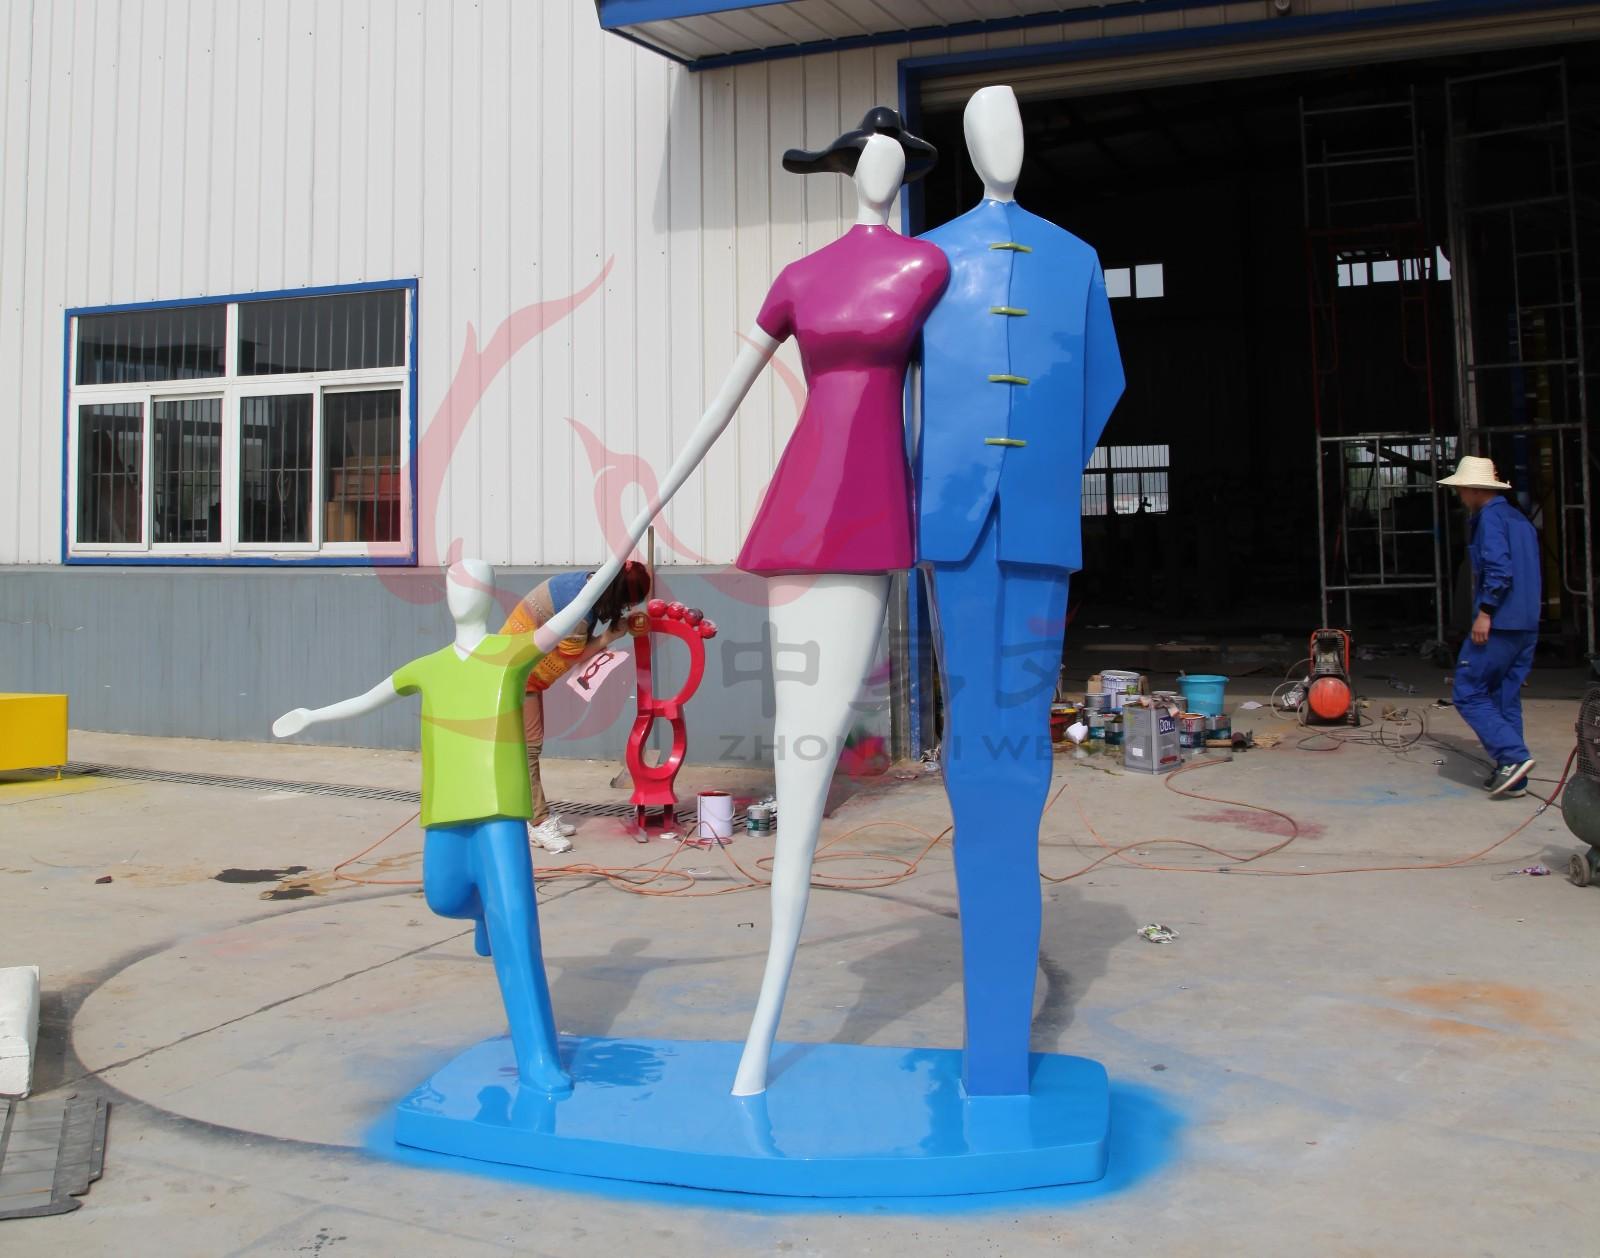 商业街雕塑小品